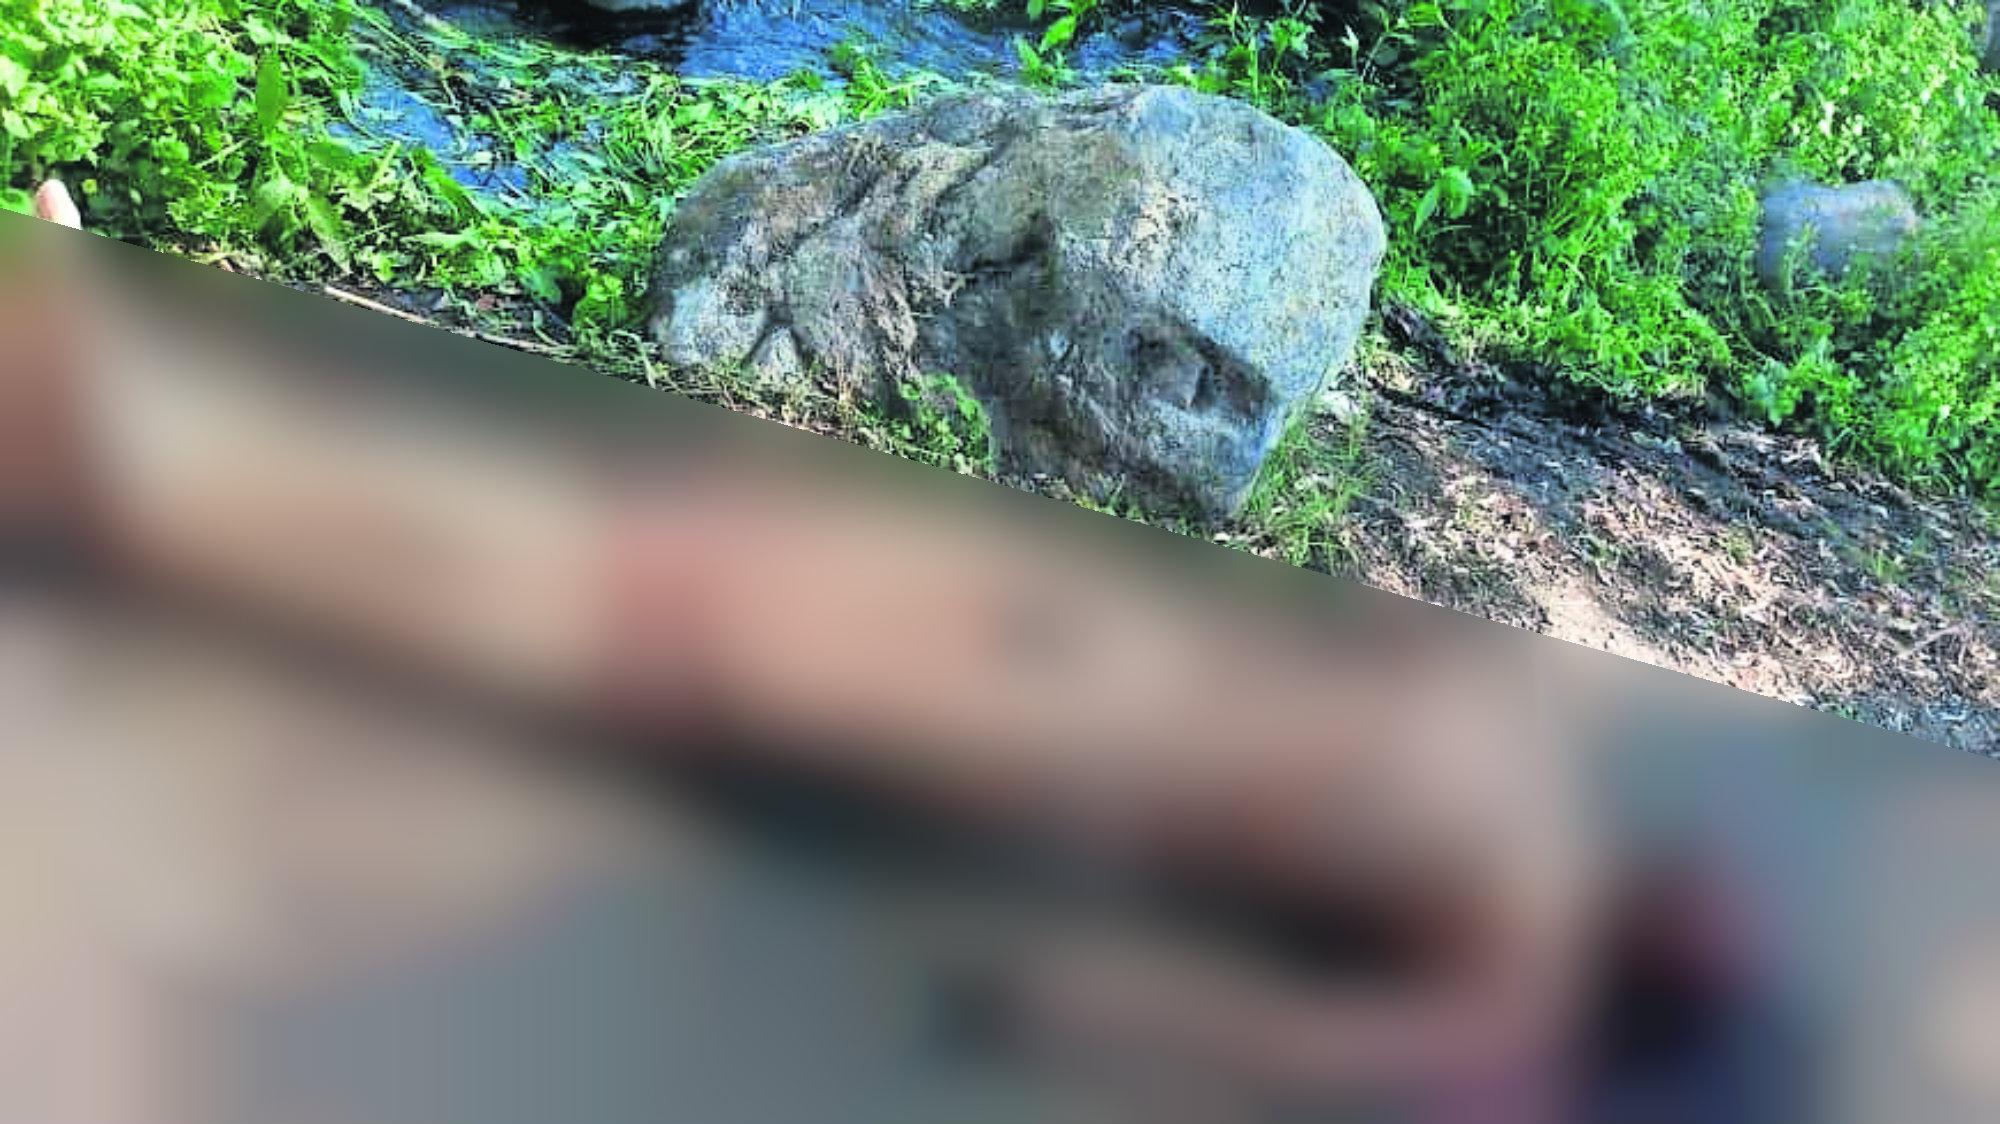 Ejecutan hombre Rocas Desnudo Morelos